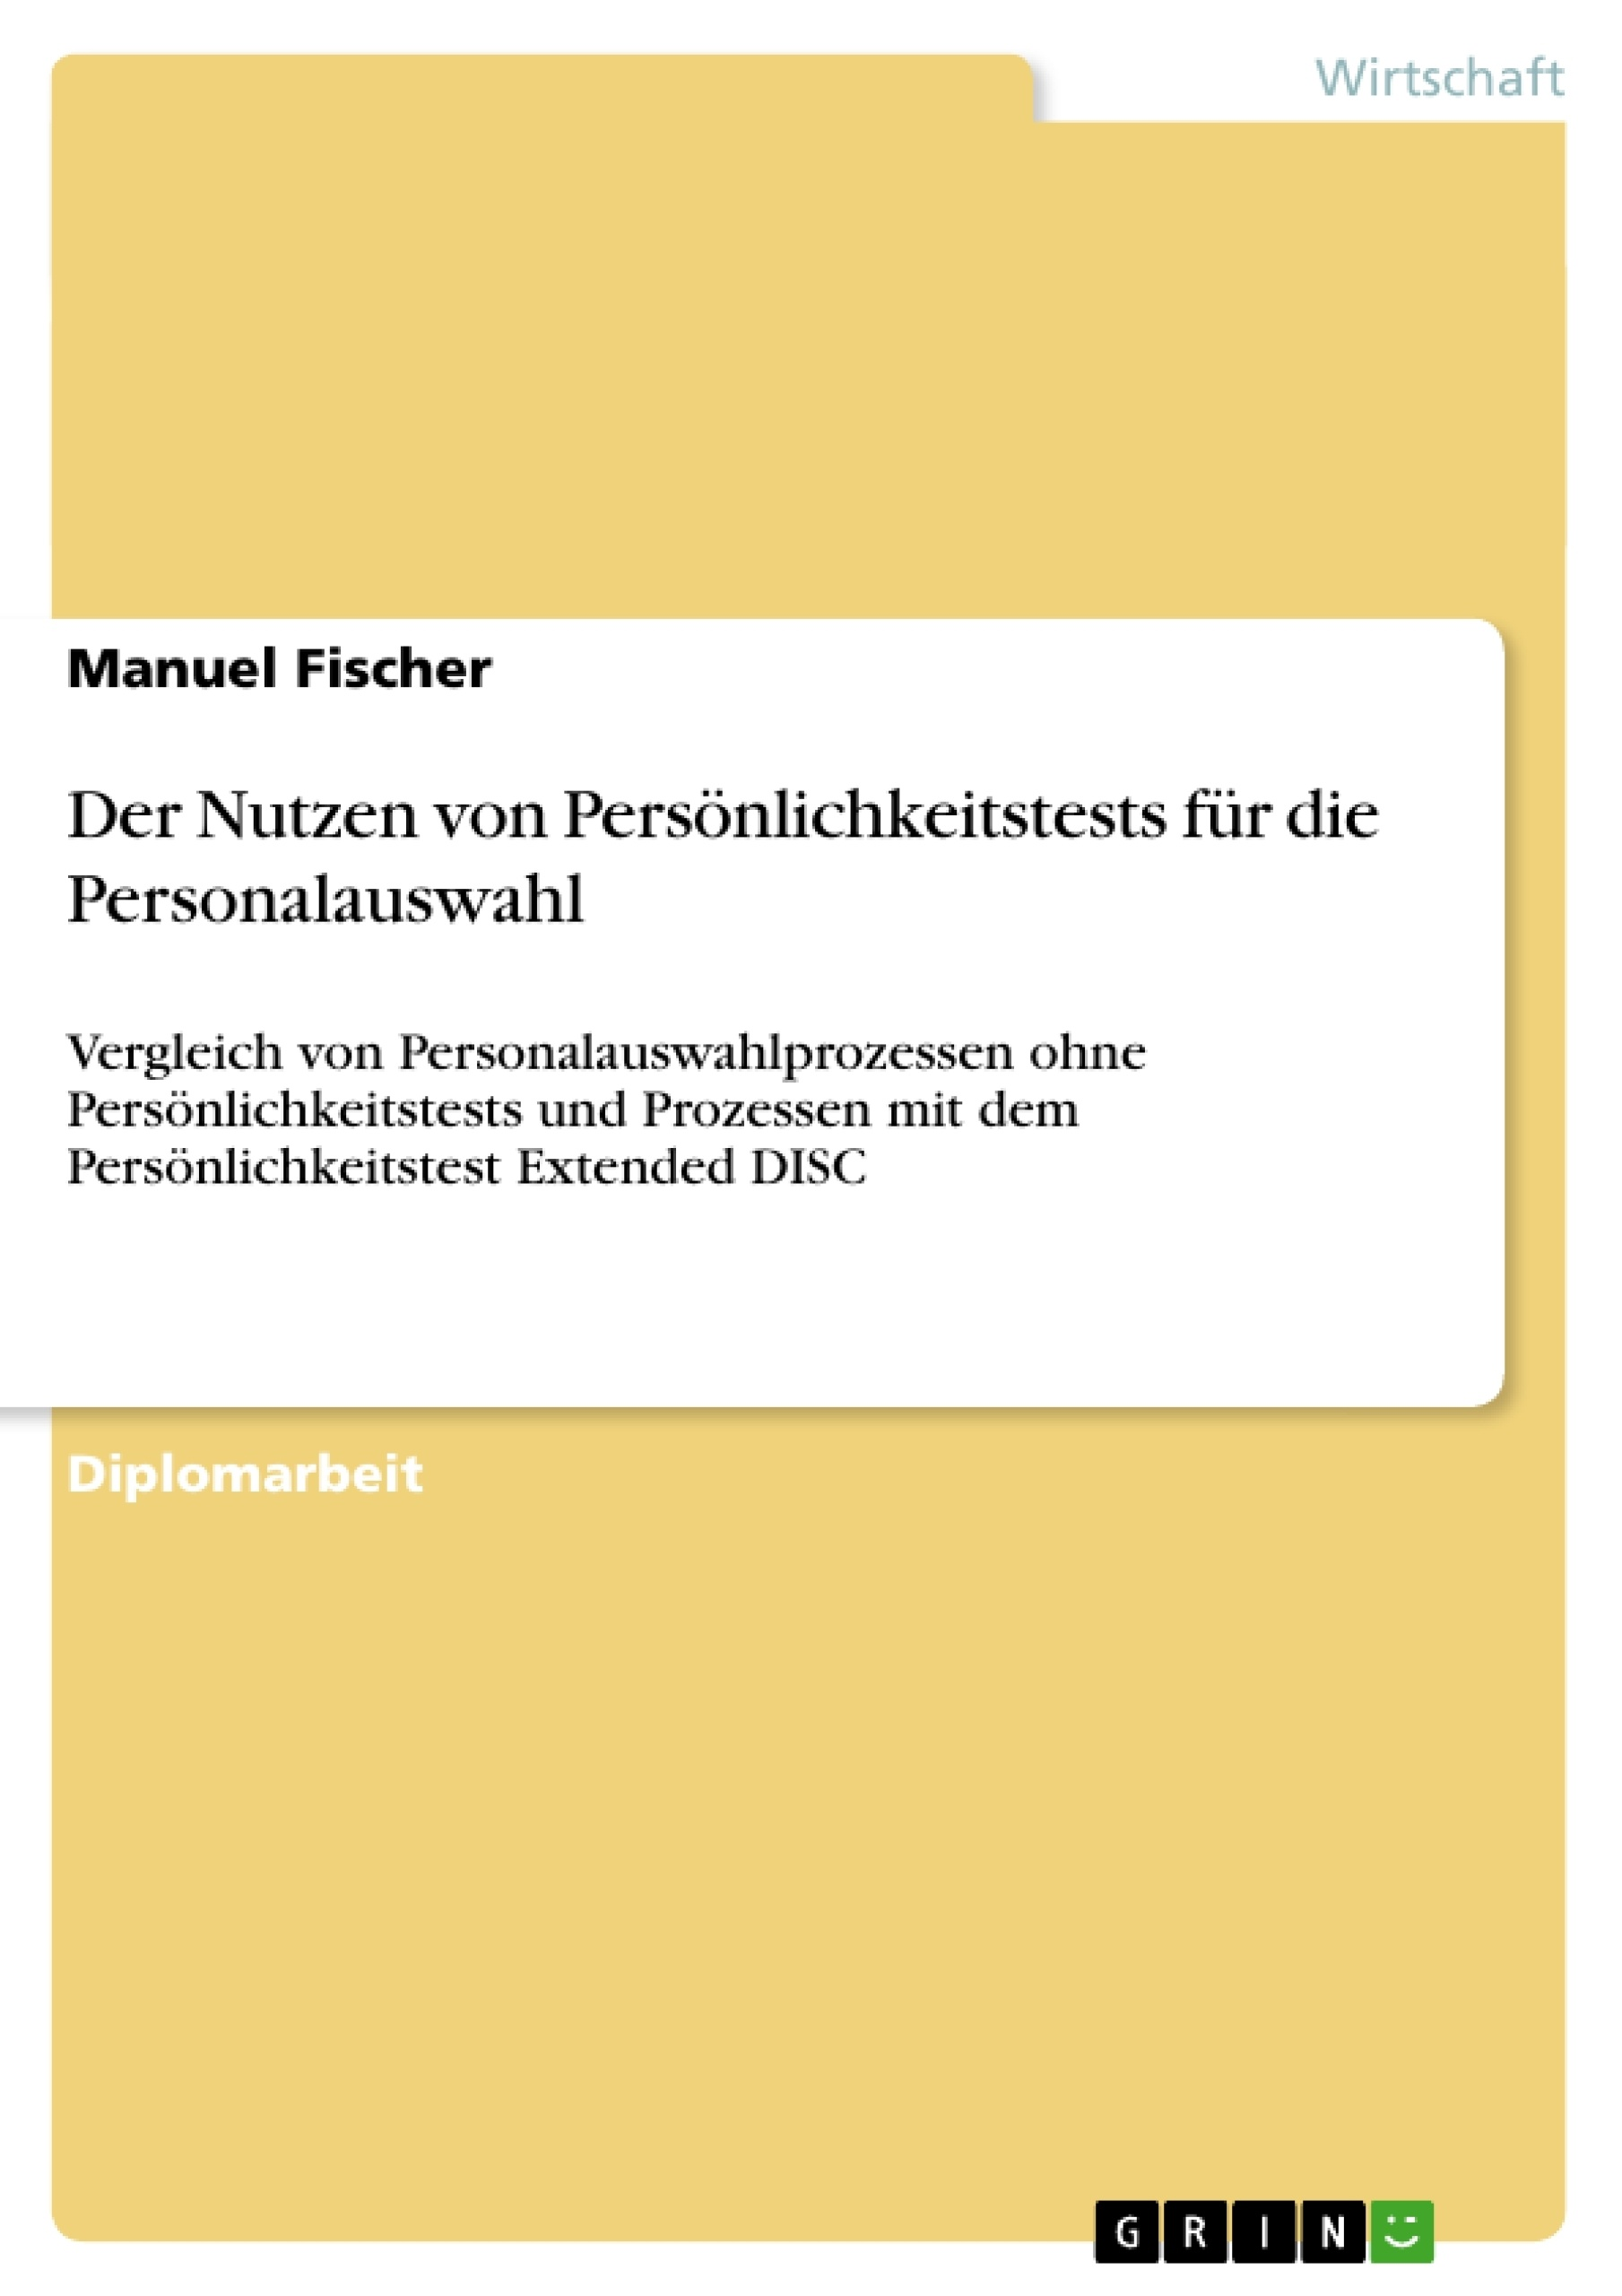 Titel: Der Nutzen von Persönlichkeitstests für die Personalauswahl